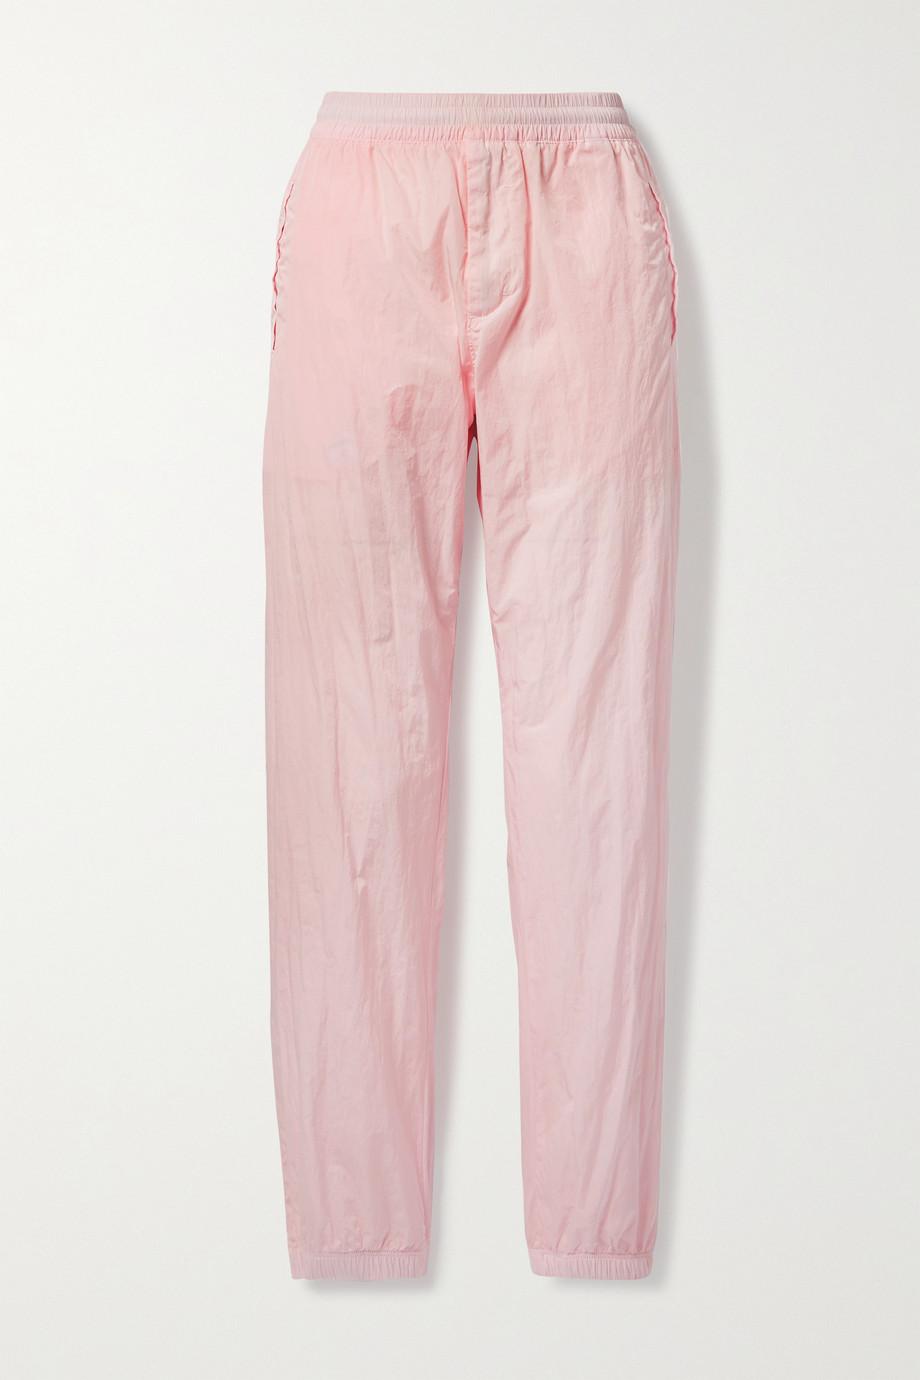 Givenchy Pantalon de survêtement en tissu technique